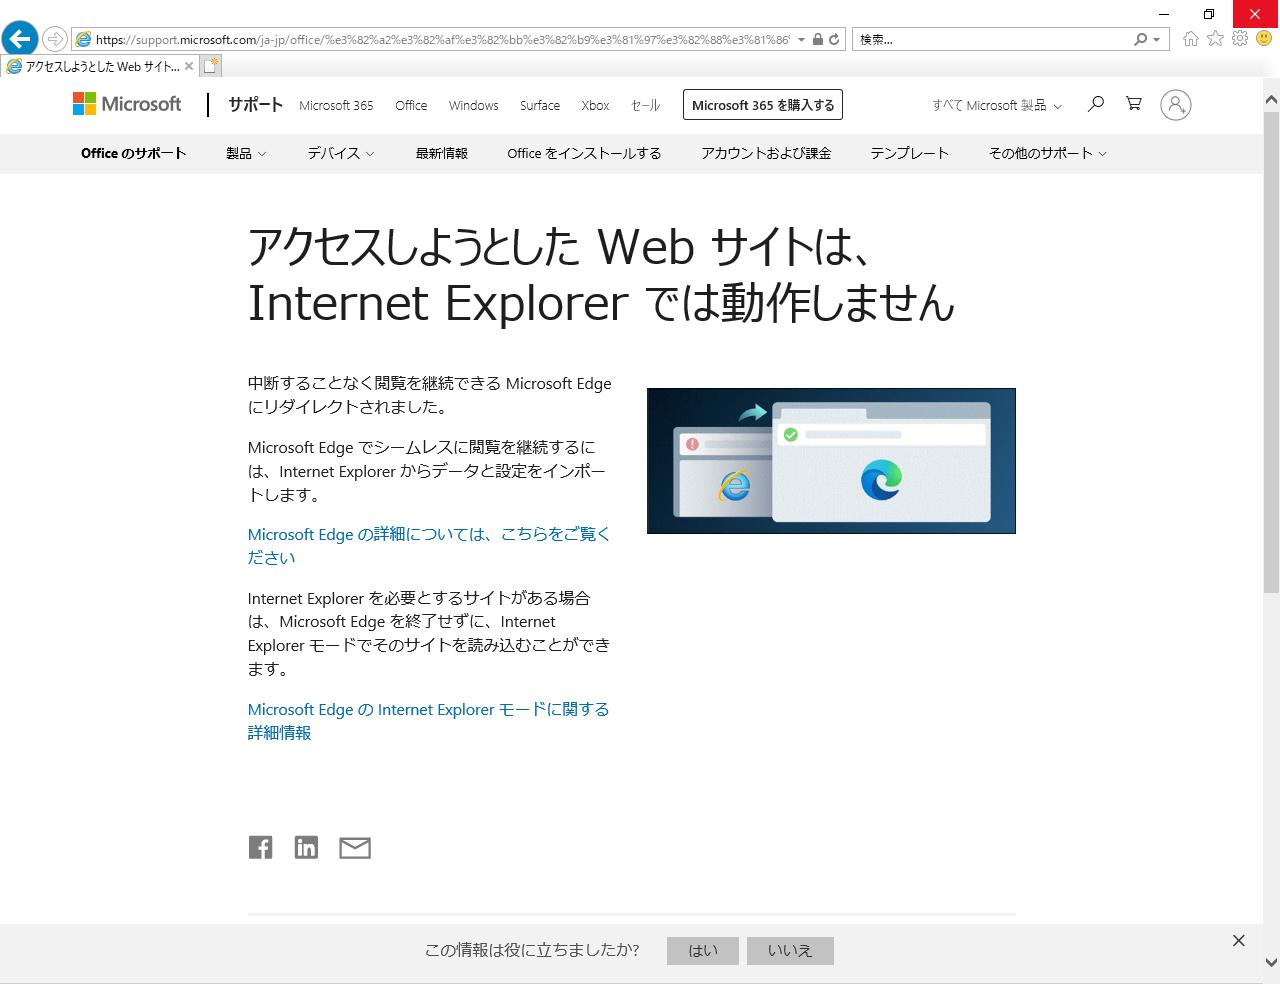 アクセスしようとした Web サイトは、Internet Explorer では動作しません